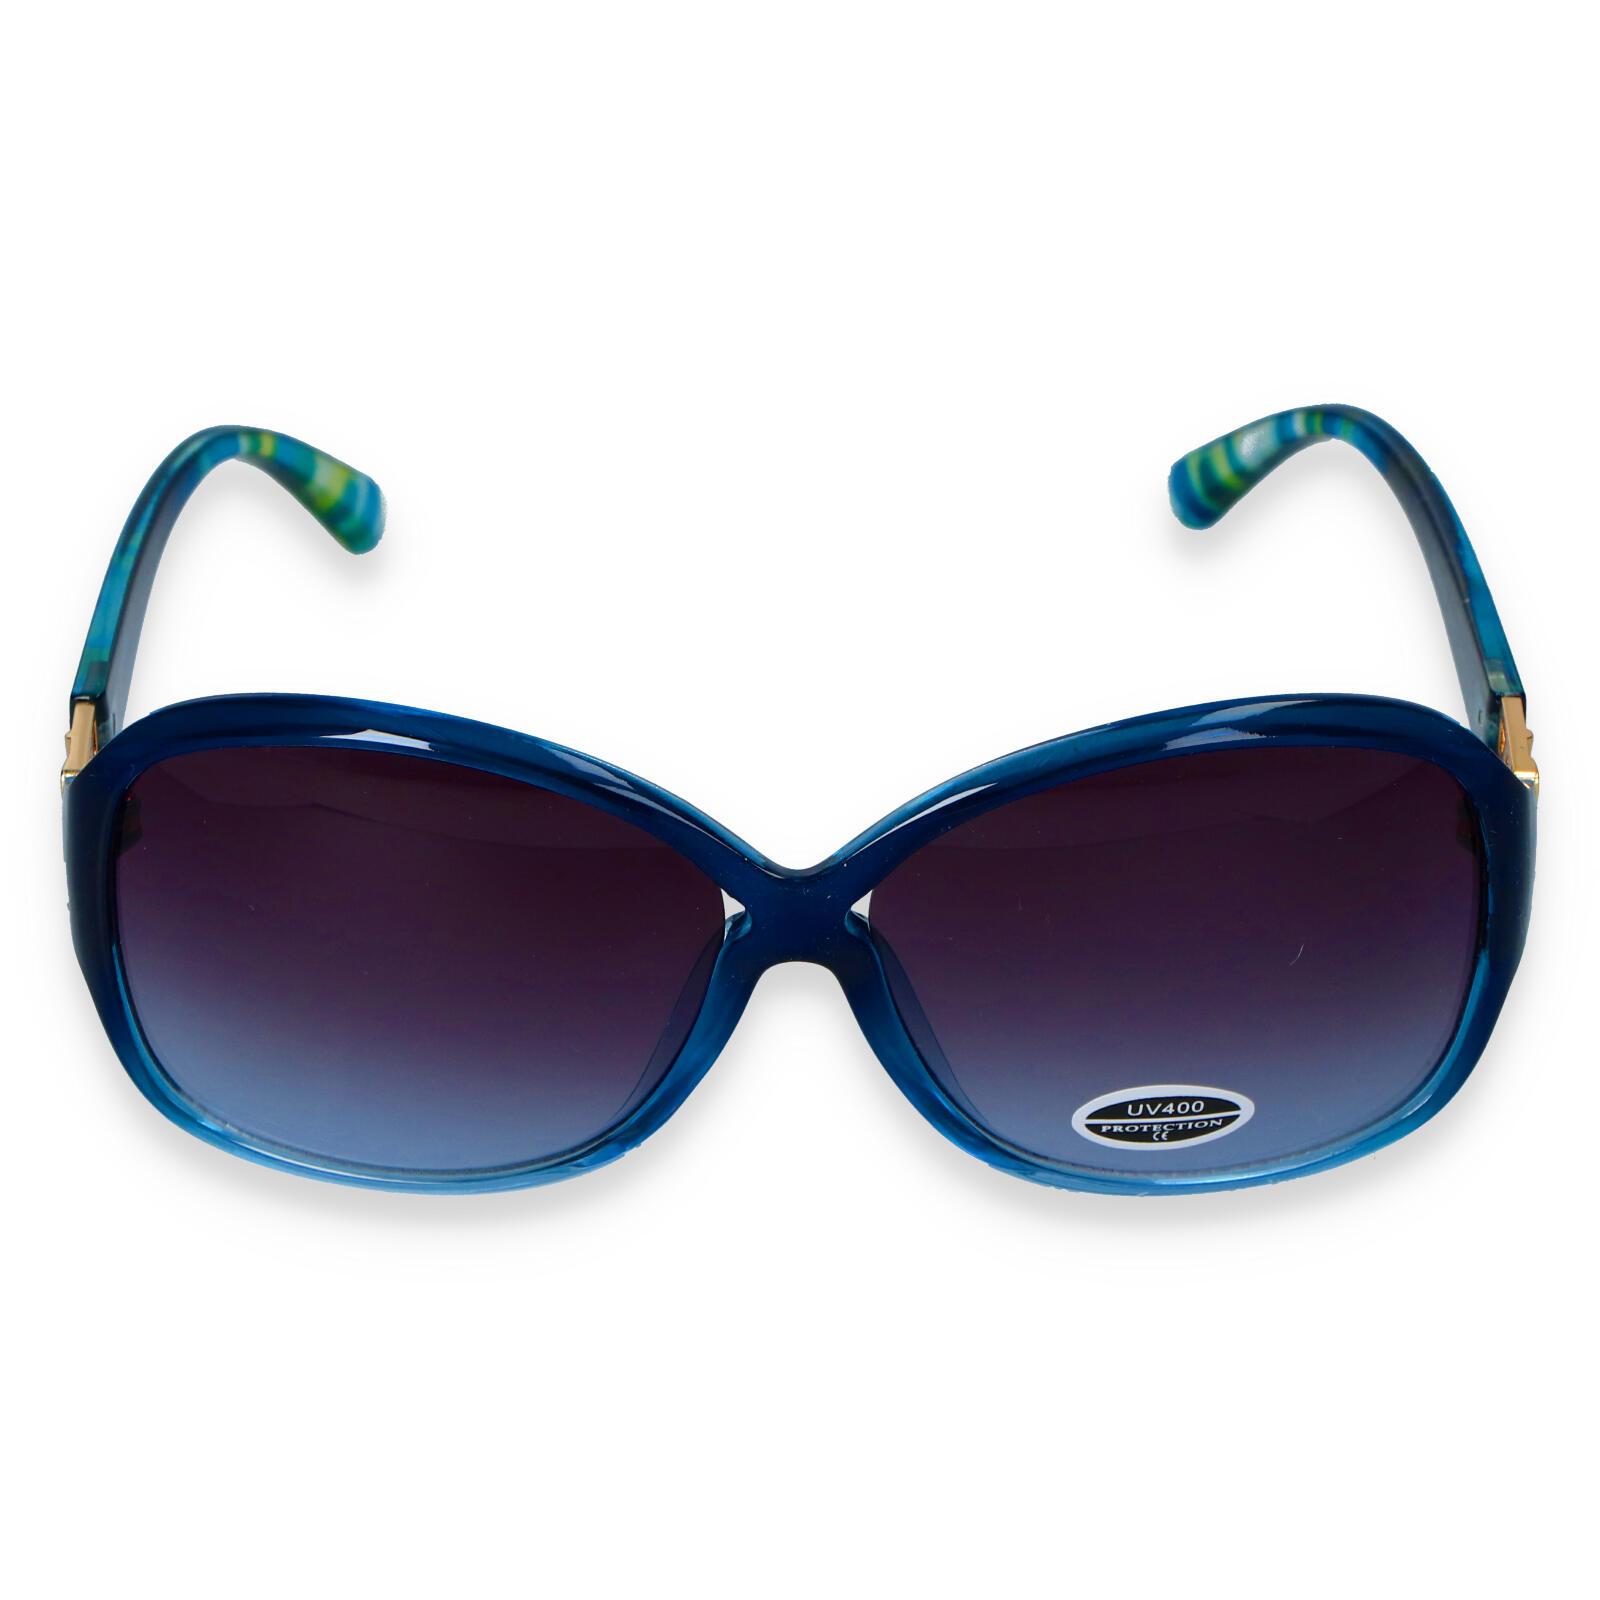 Dámské sluneční brýle modré - S7705